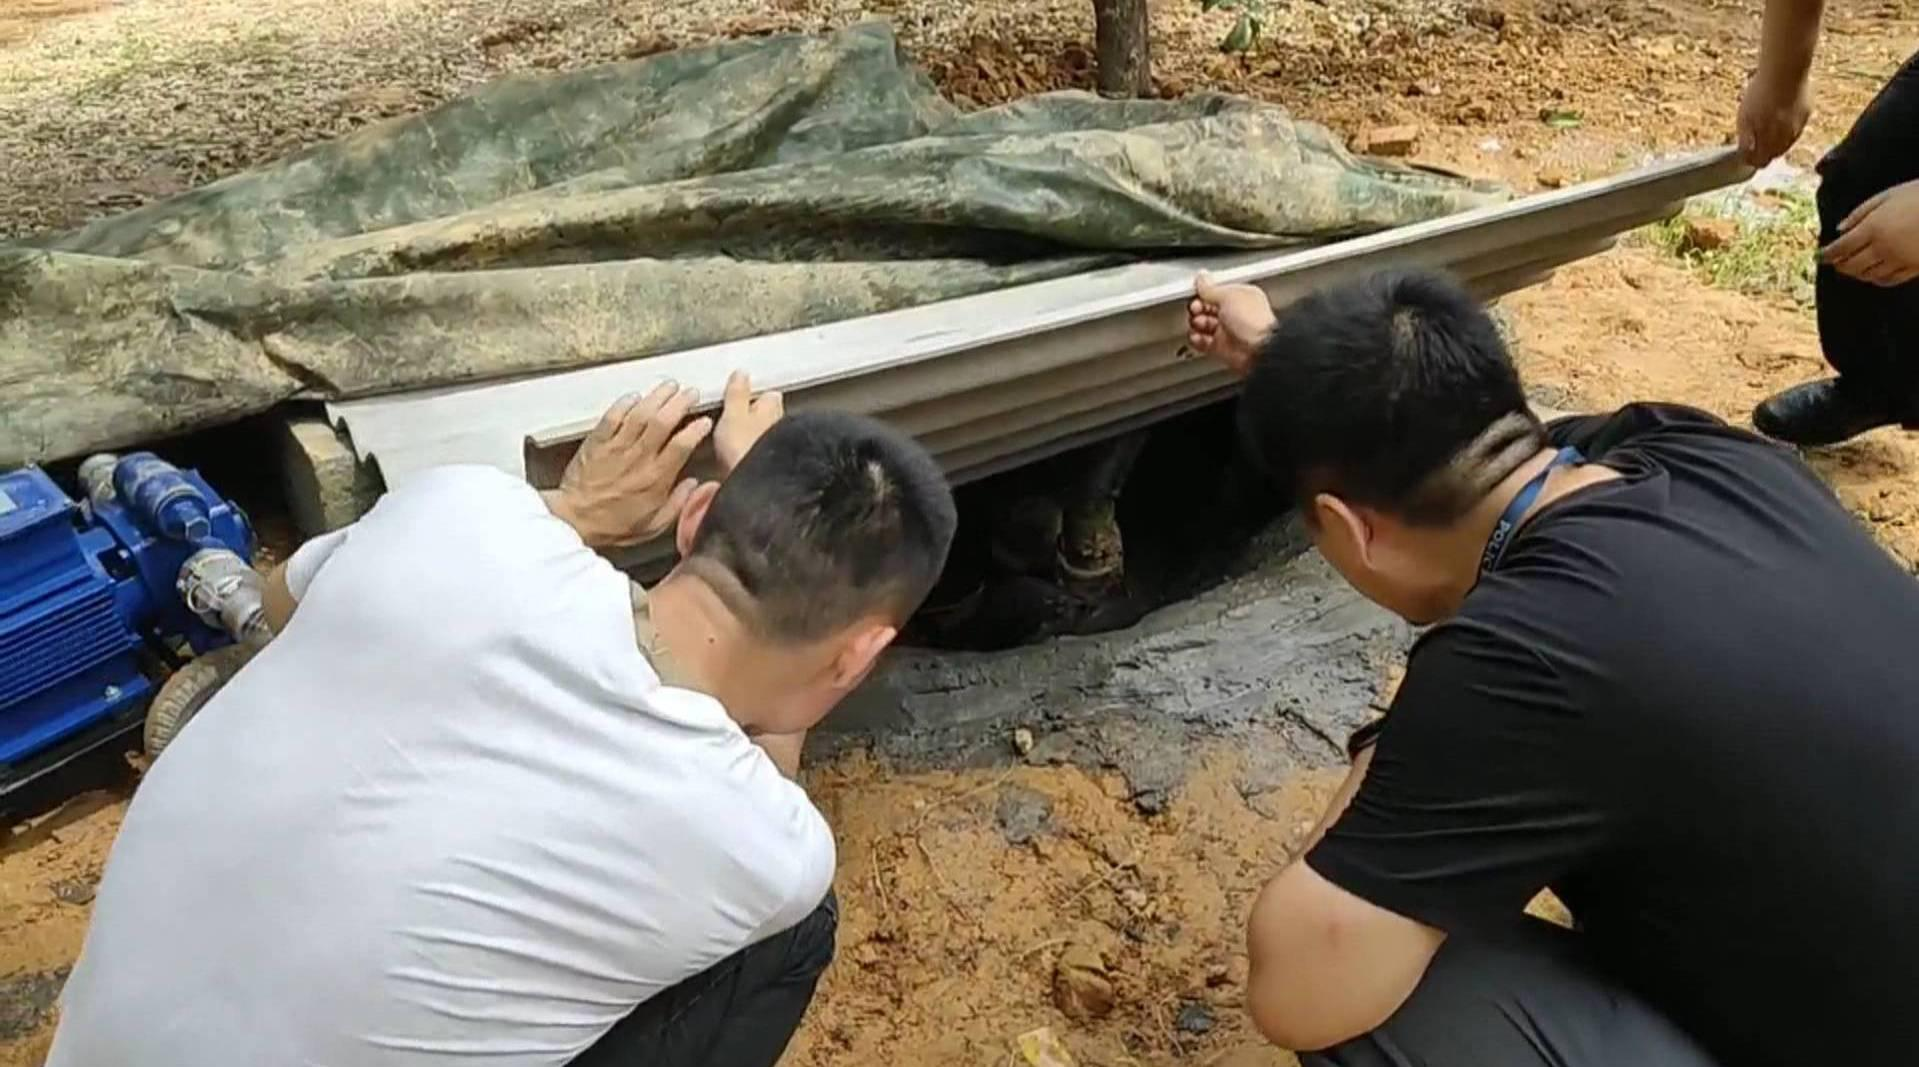 农家乐附近地下暗藏大型储油罐,民警追踪调查发现惊人秘密